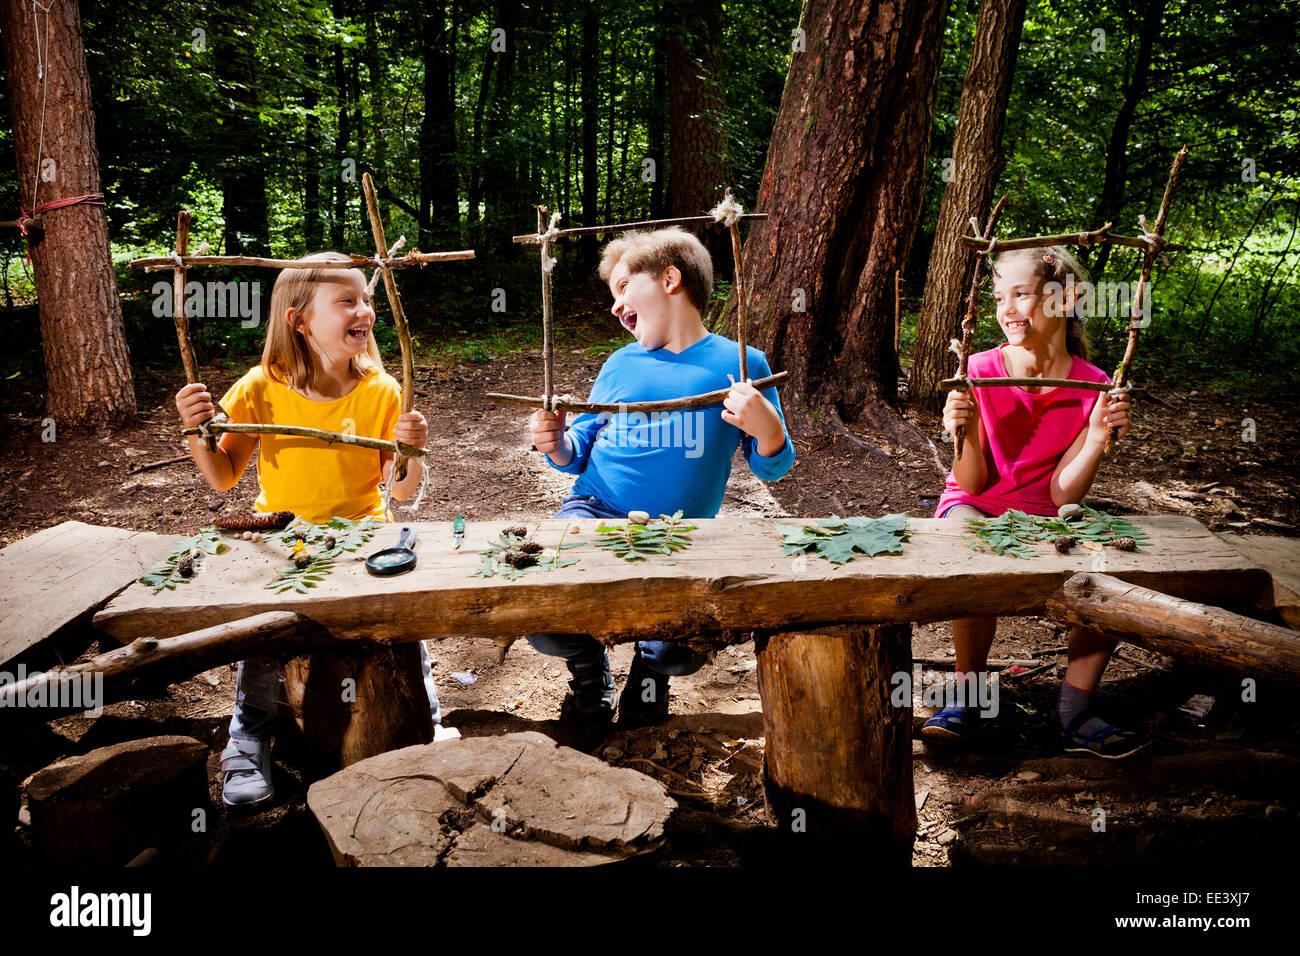 Los niños en la elaboración de un campamento forestal, Munich, Baviera, Alemania Imagen De Stock